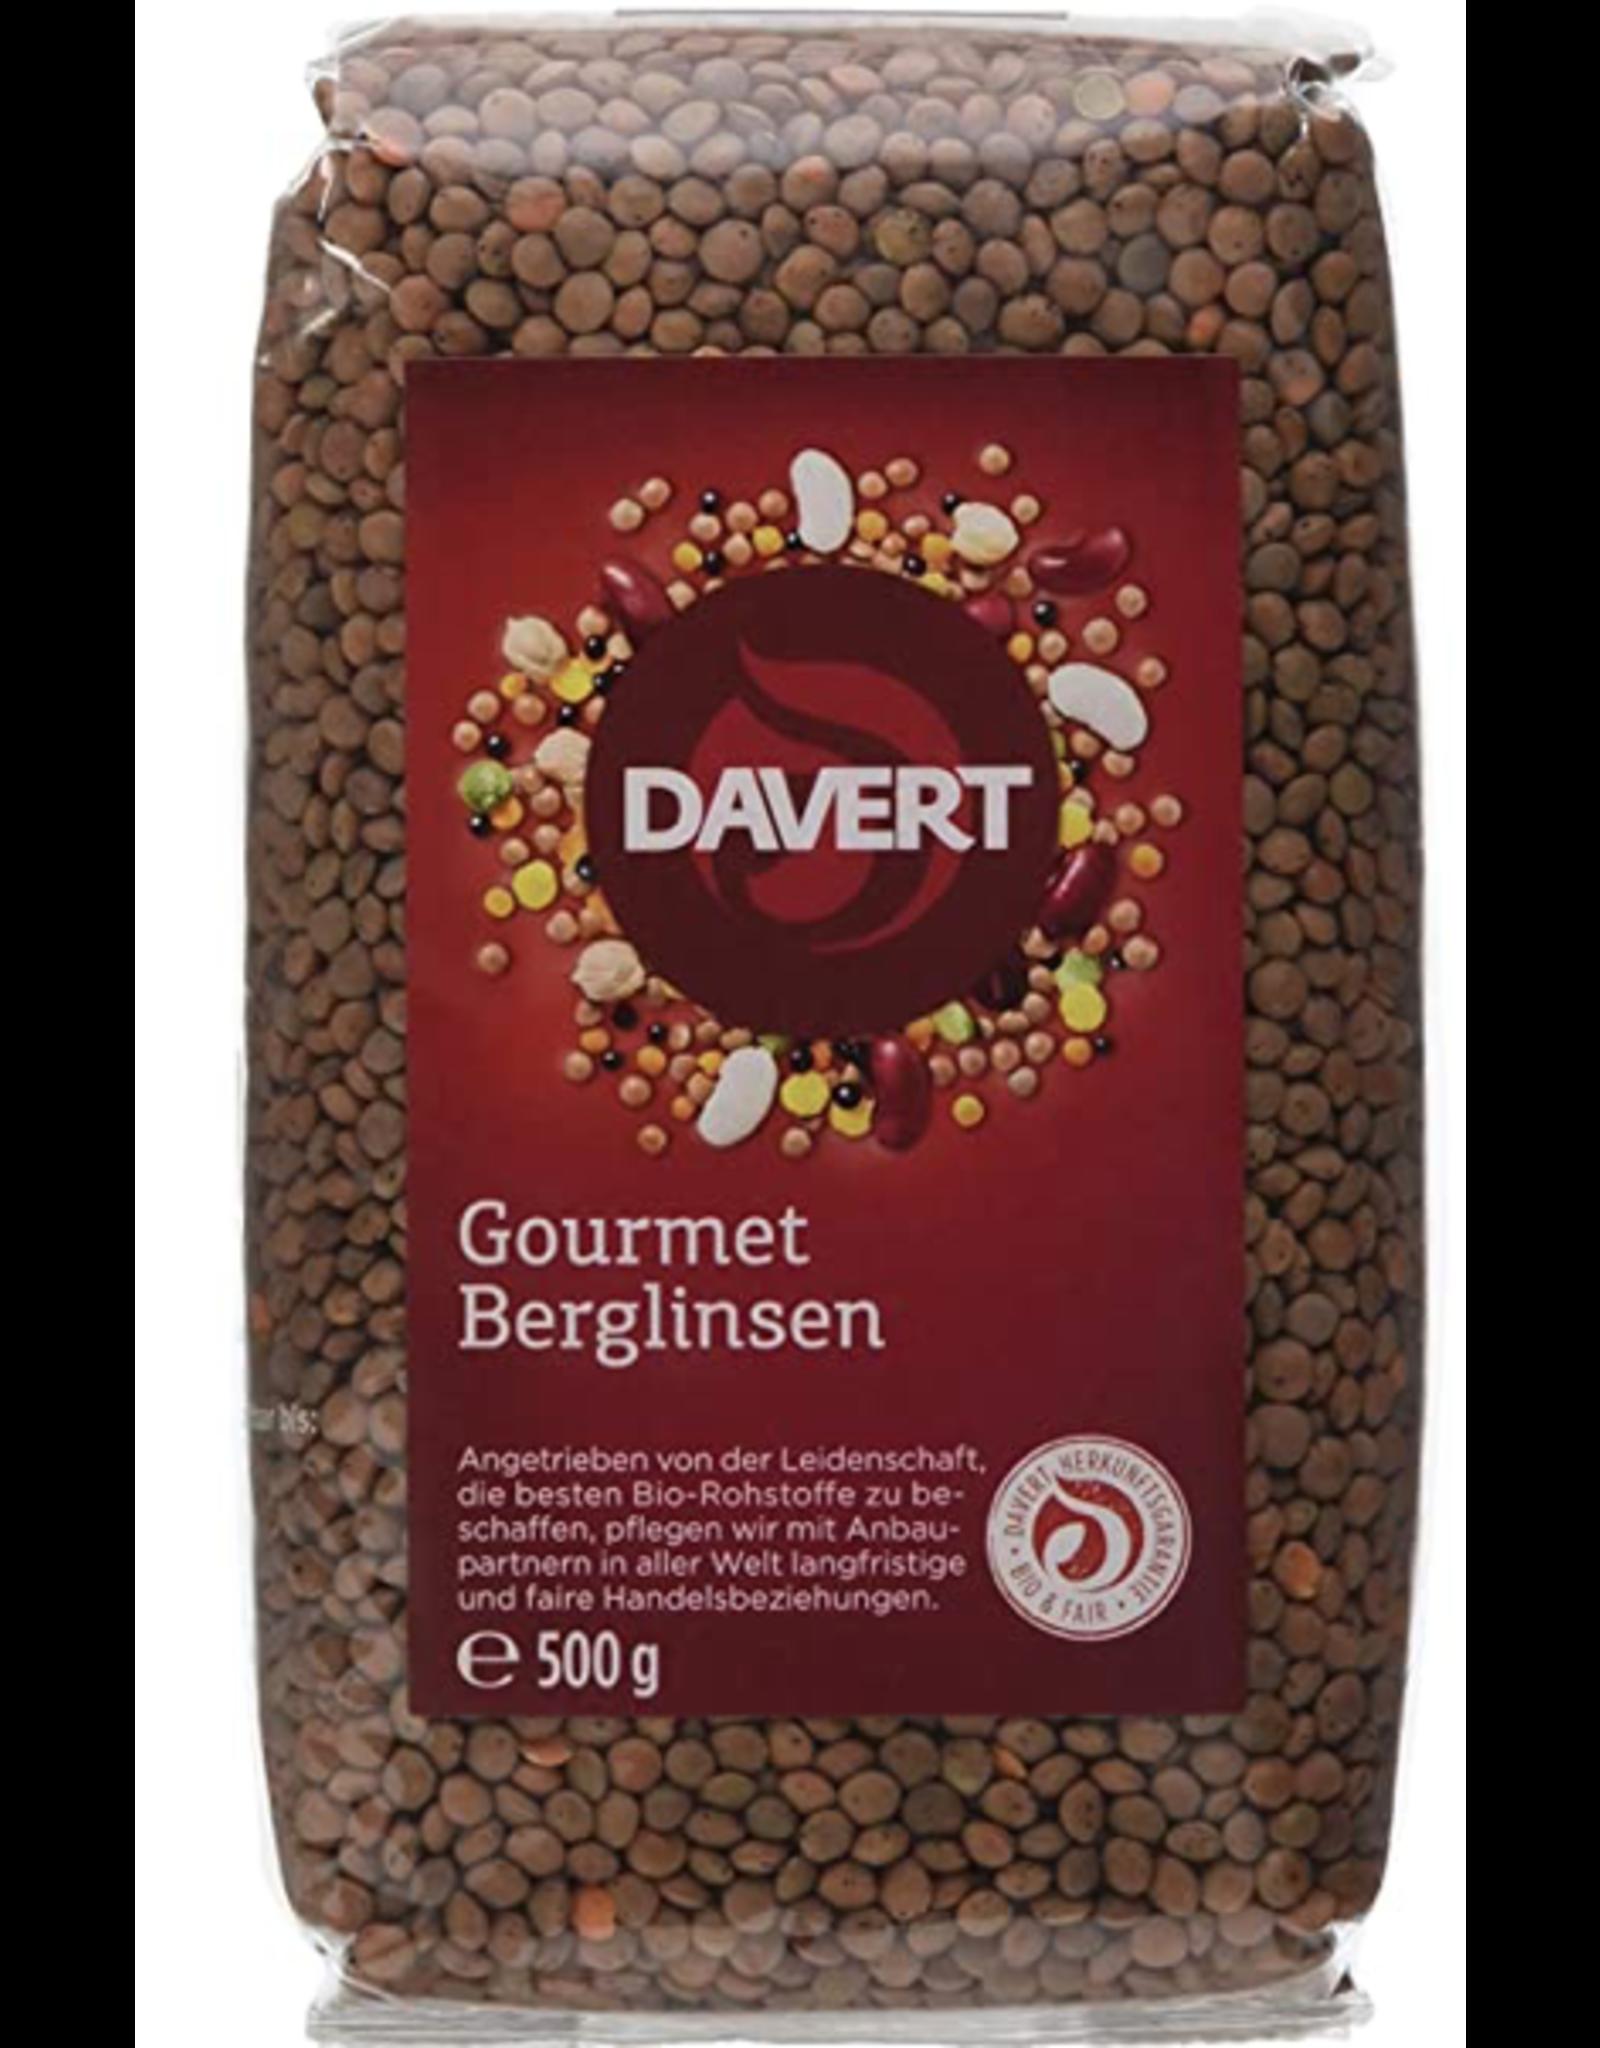 Davert  Gourmet Berglinsen 500g